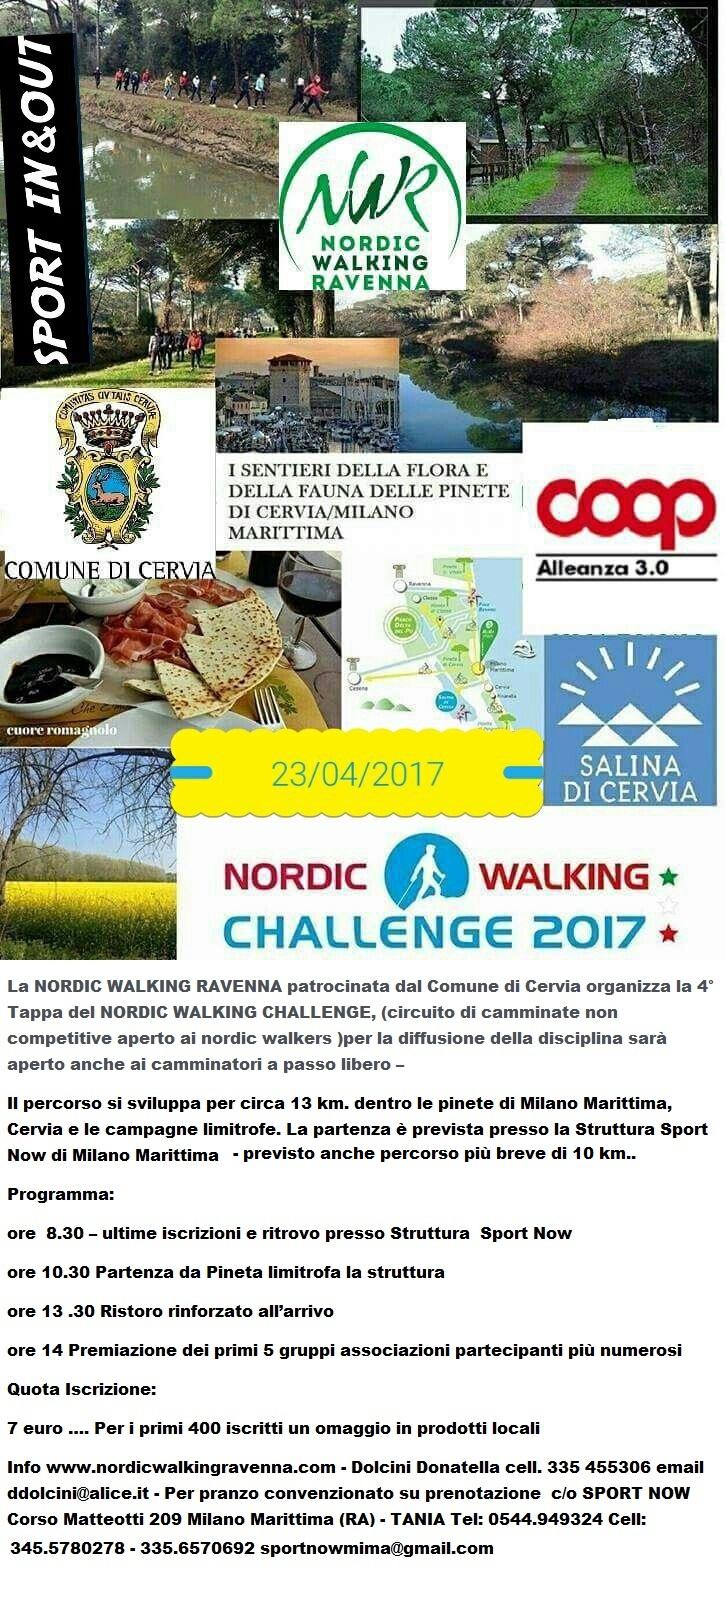 Nordic walking - locandina aggiornata